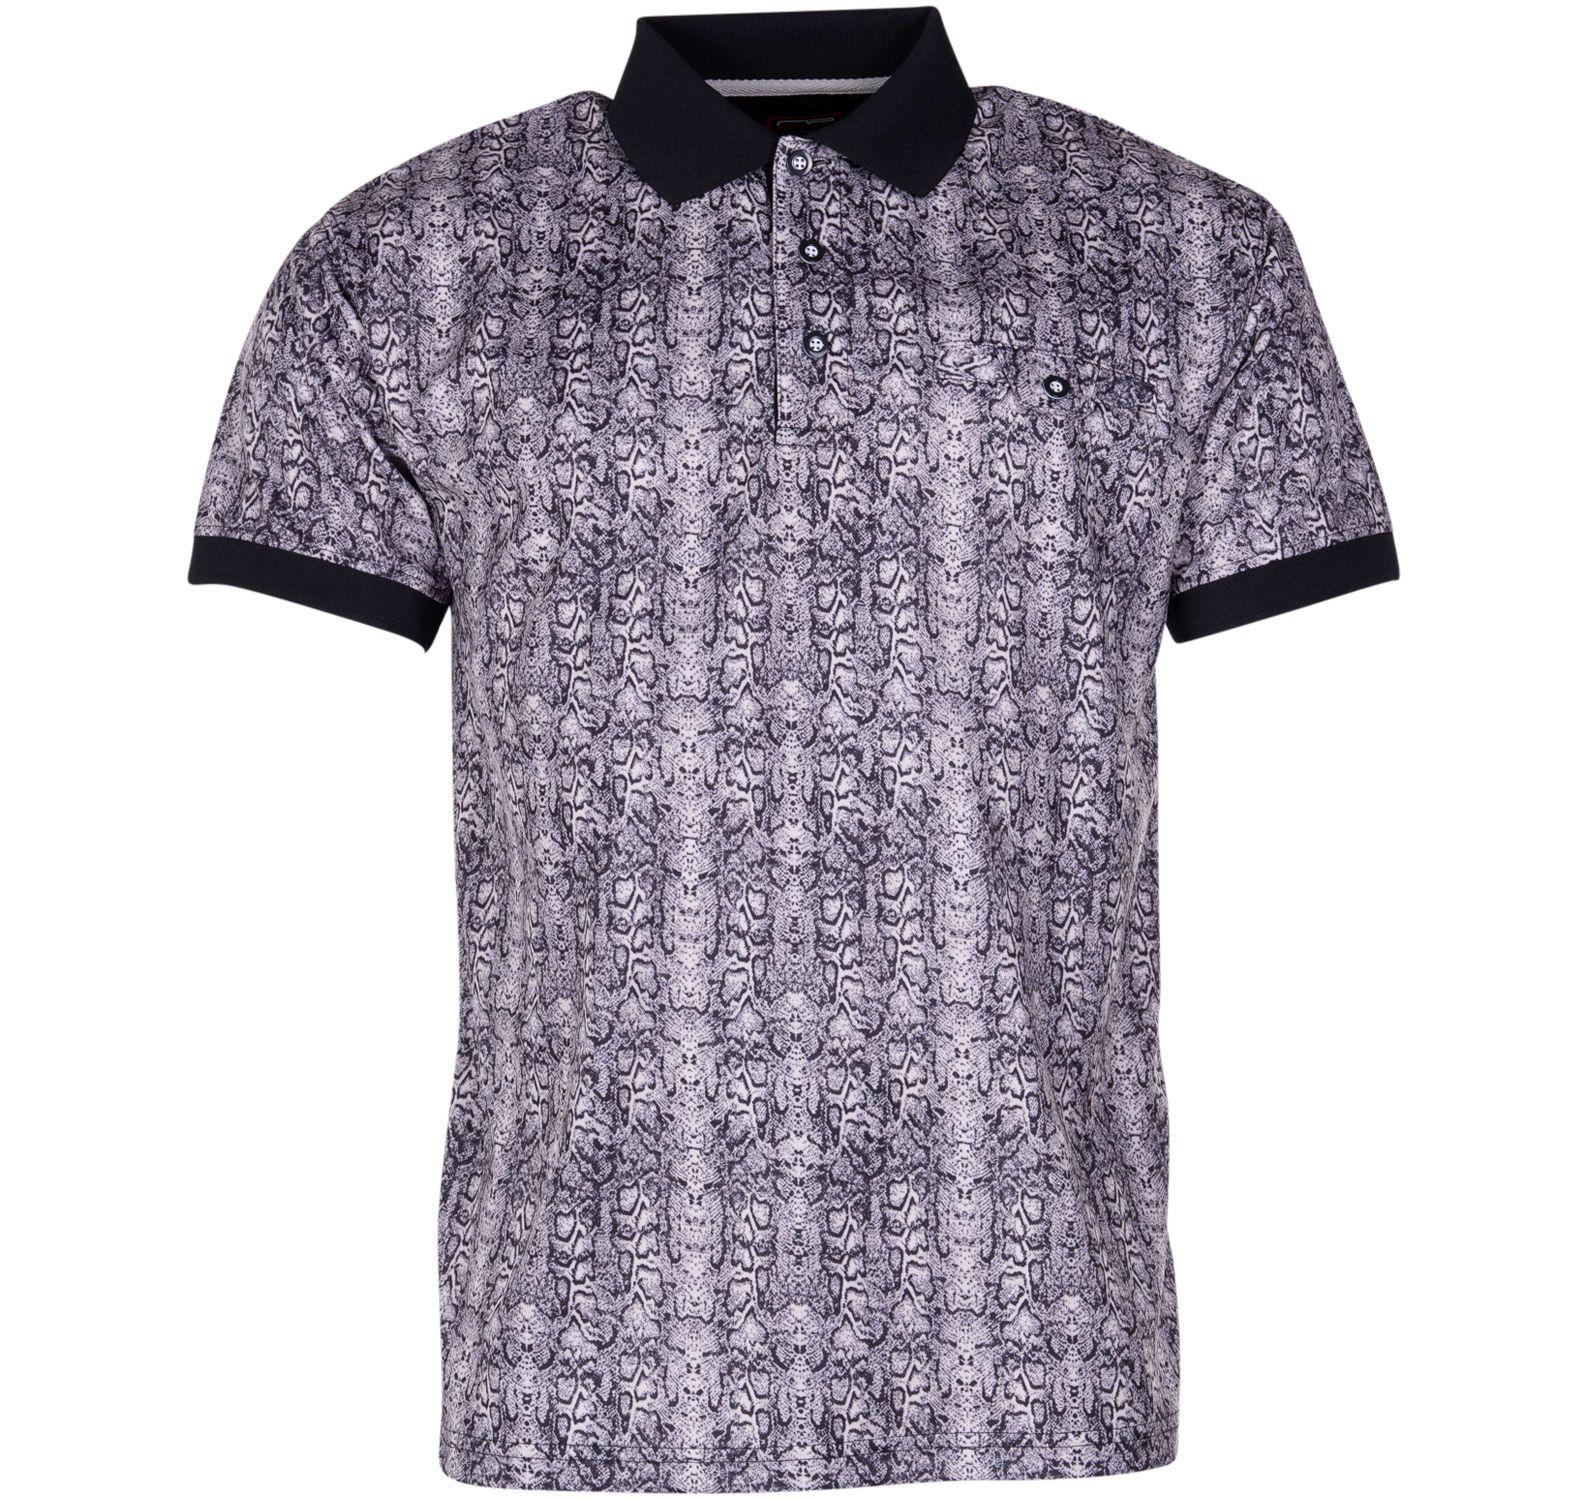 shirt 1908 black s, black, s, varumärken